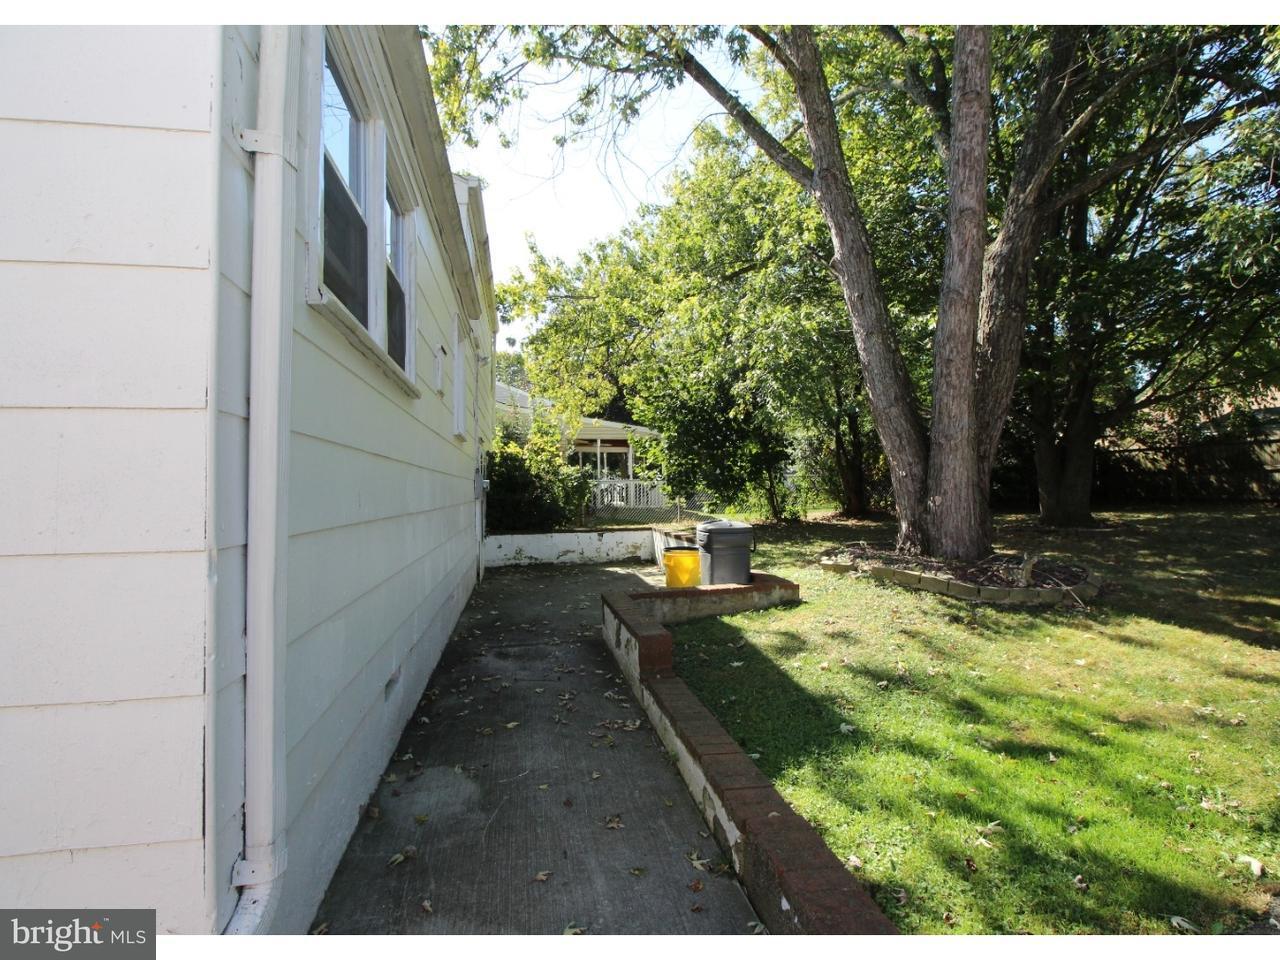 Частный односемейный дом для того Аренда на 1145 LOWER FERRY Road Ewing, Нью-Джерси 08618 Соединенные ШтатыВ/Около: Ewing Township